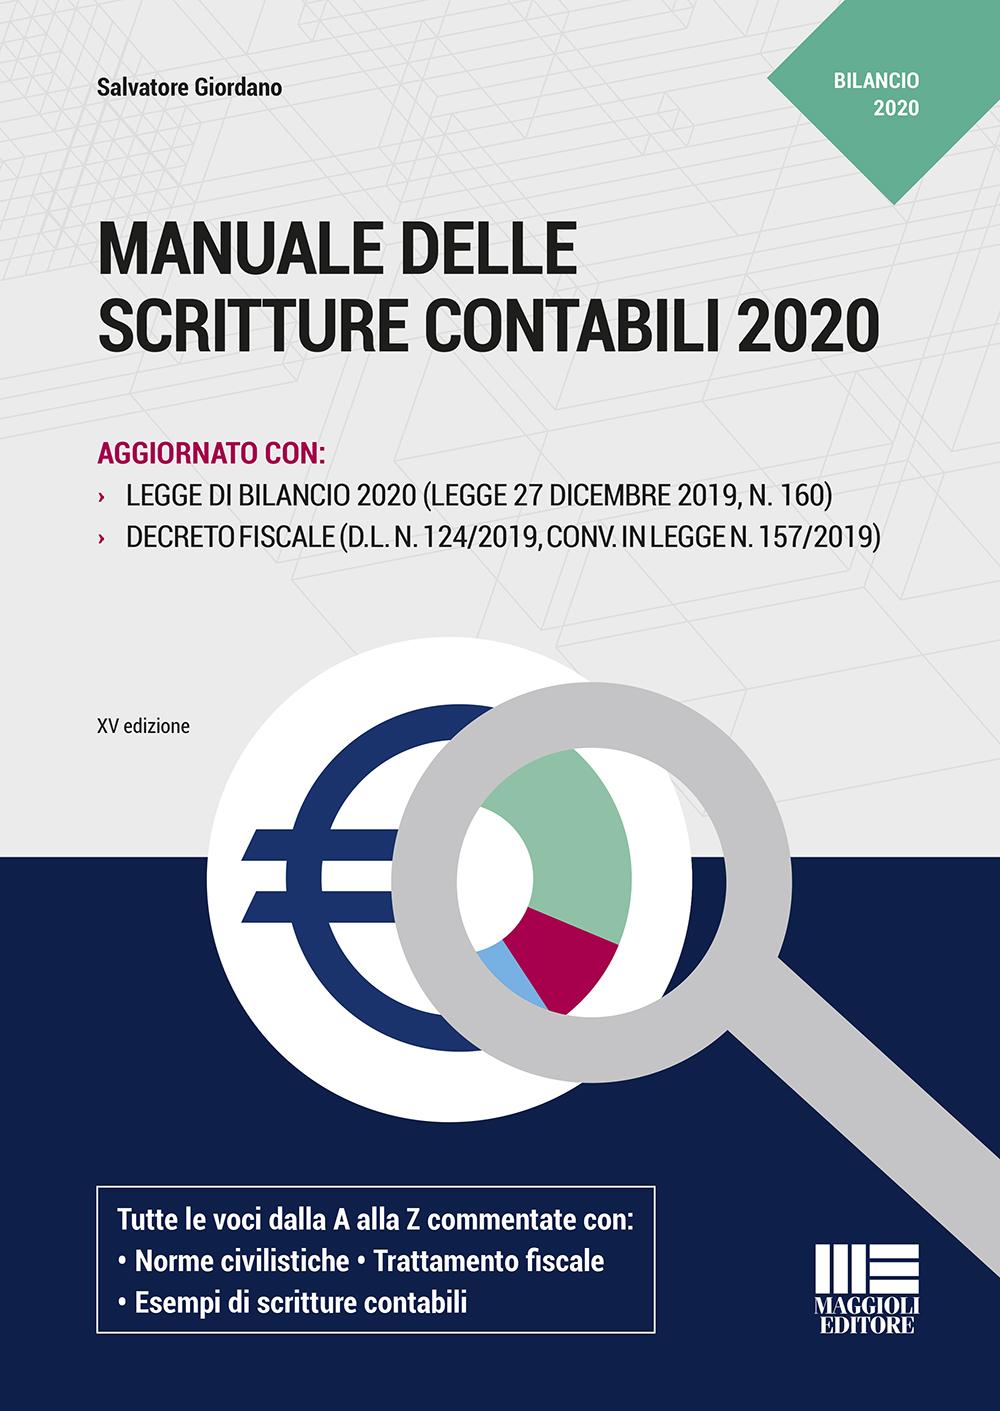 Manuale delle scritture contabili 2020 - Libro